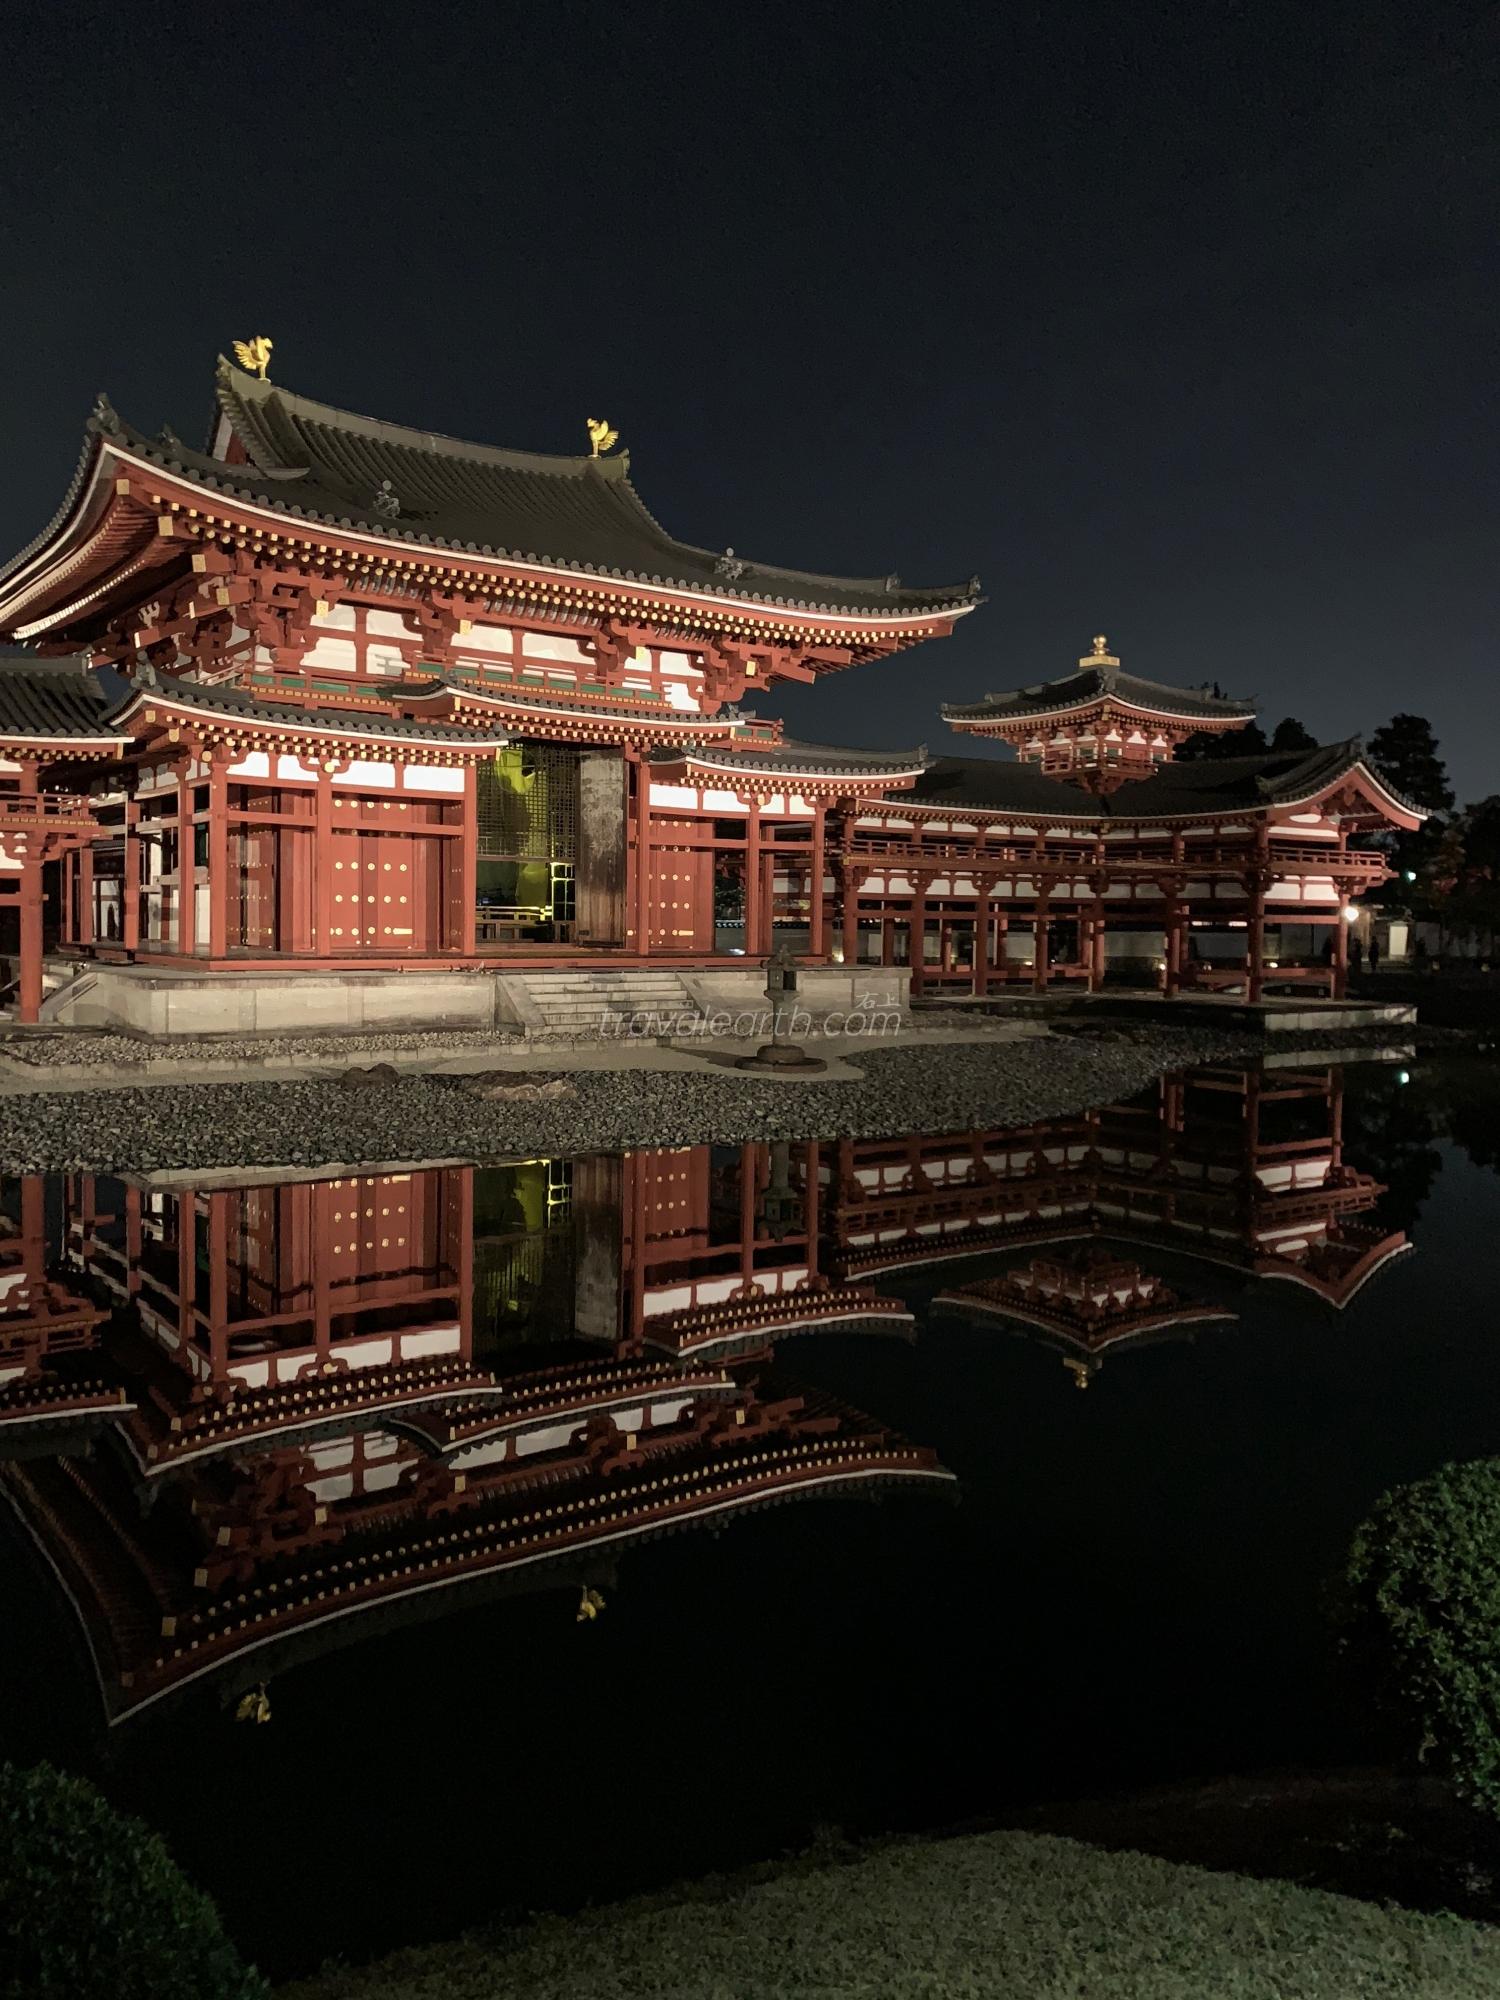 京都宇治賞楓-平等院鳳凰堂.必去千年古蹟賞夜楓 @右上的世界食旅